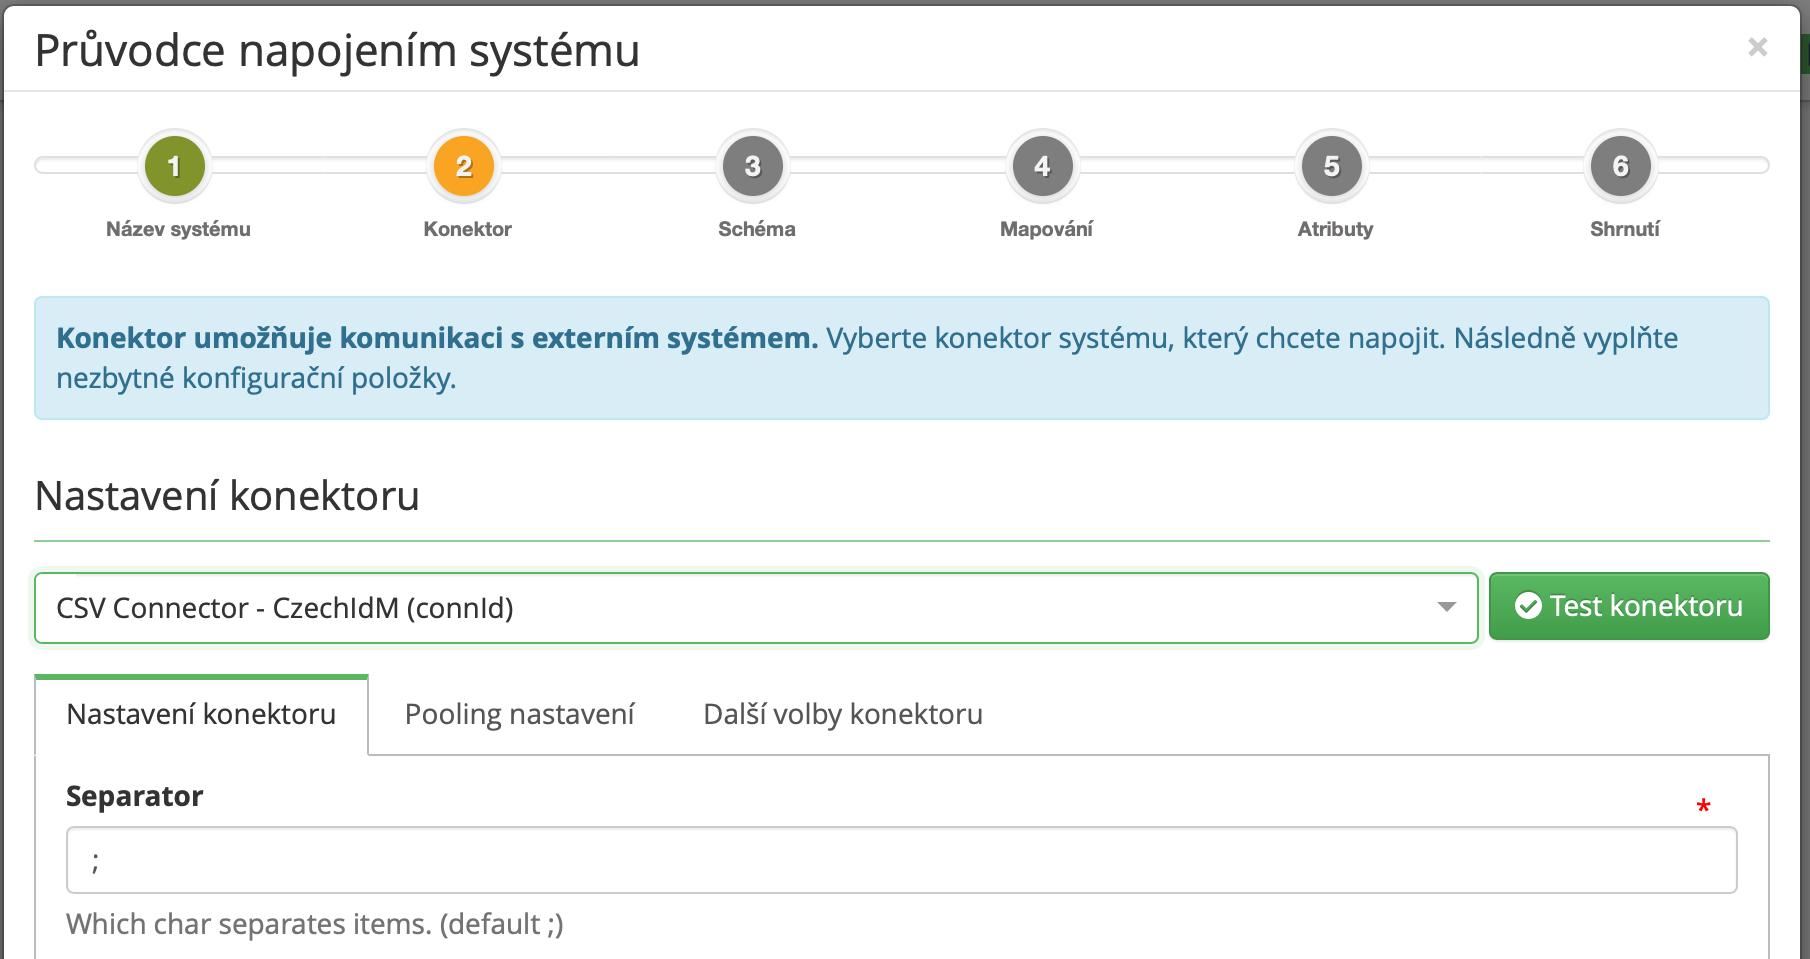 Průvodce pro připojení koncového systému do CzechIdM